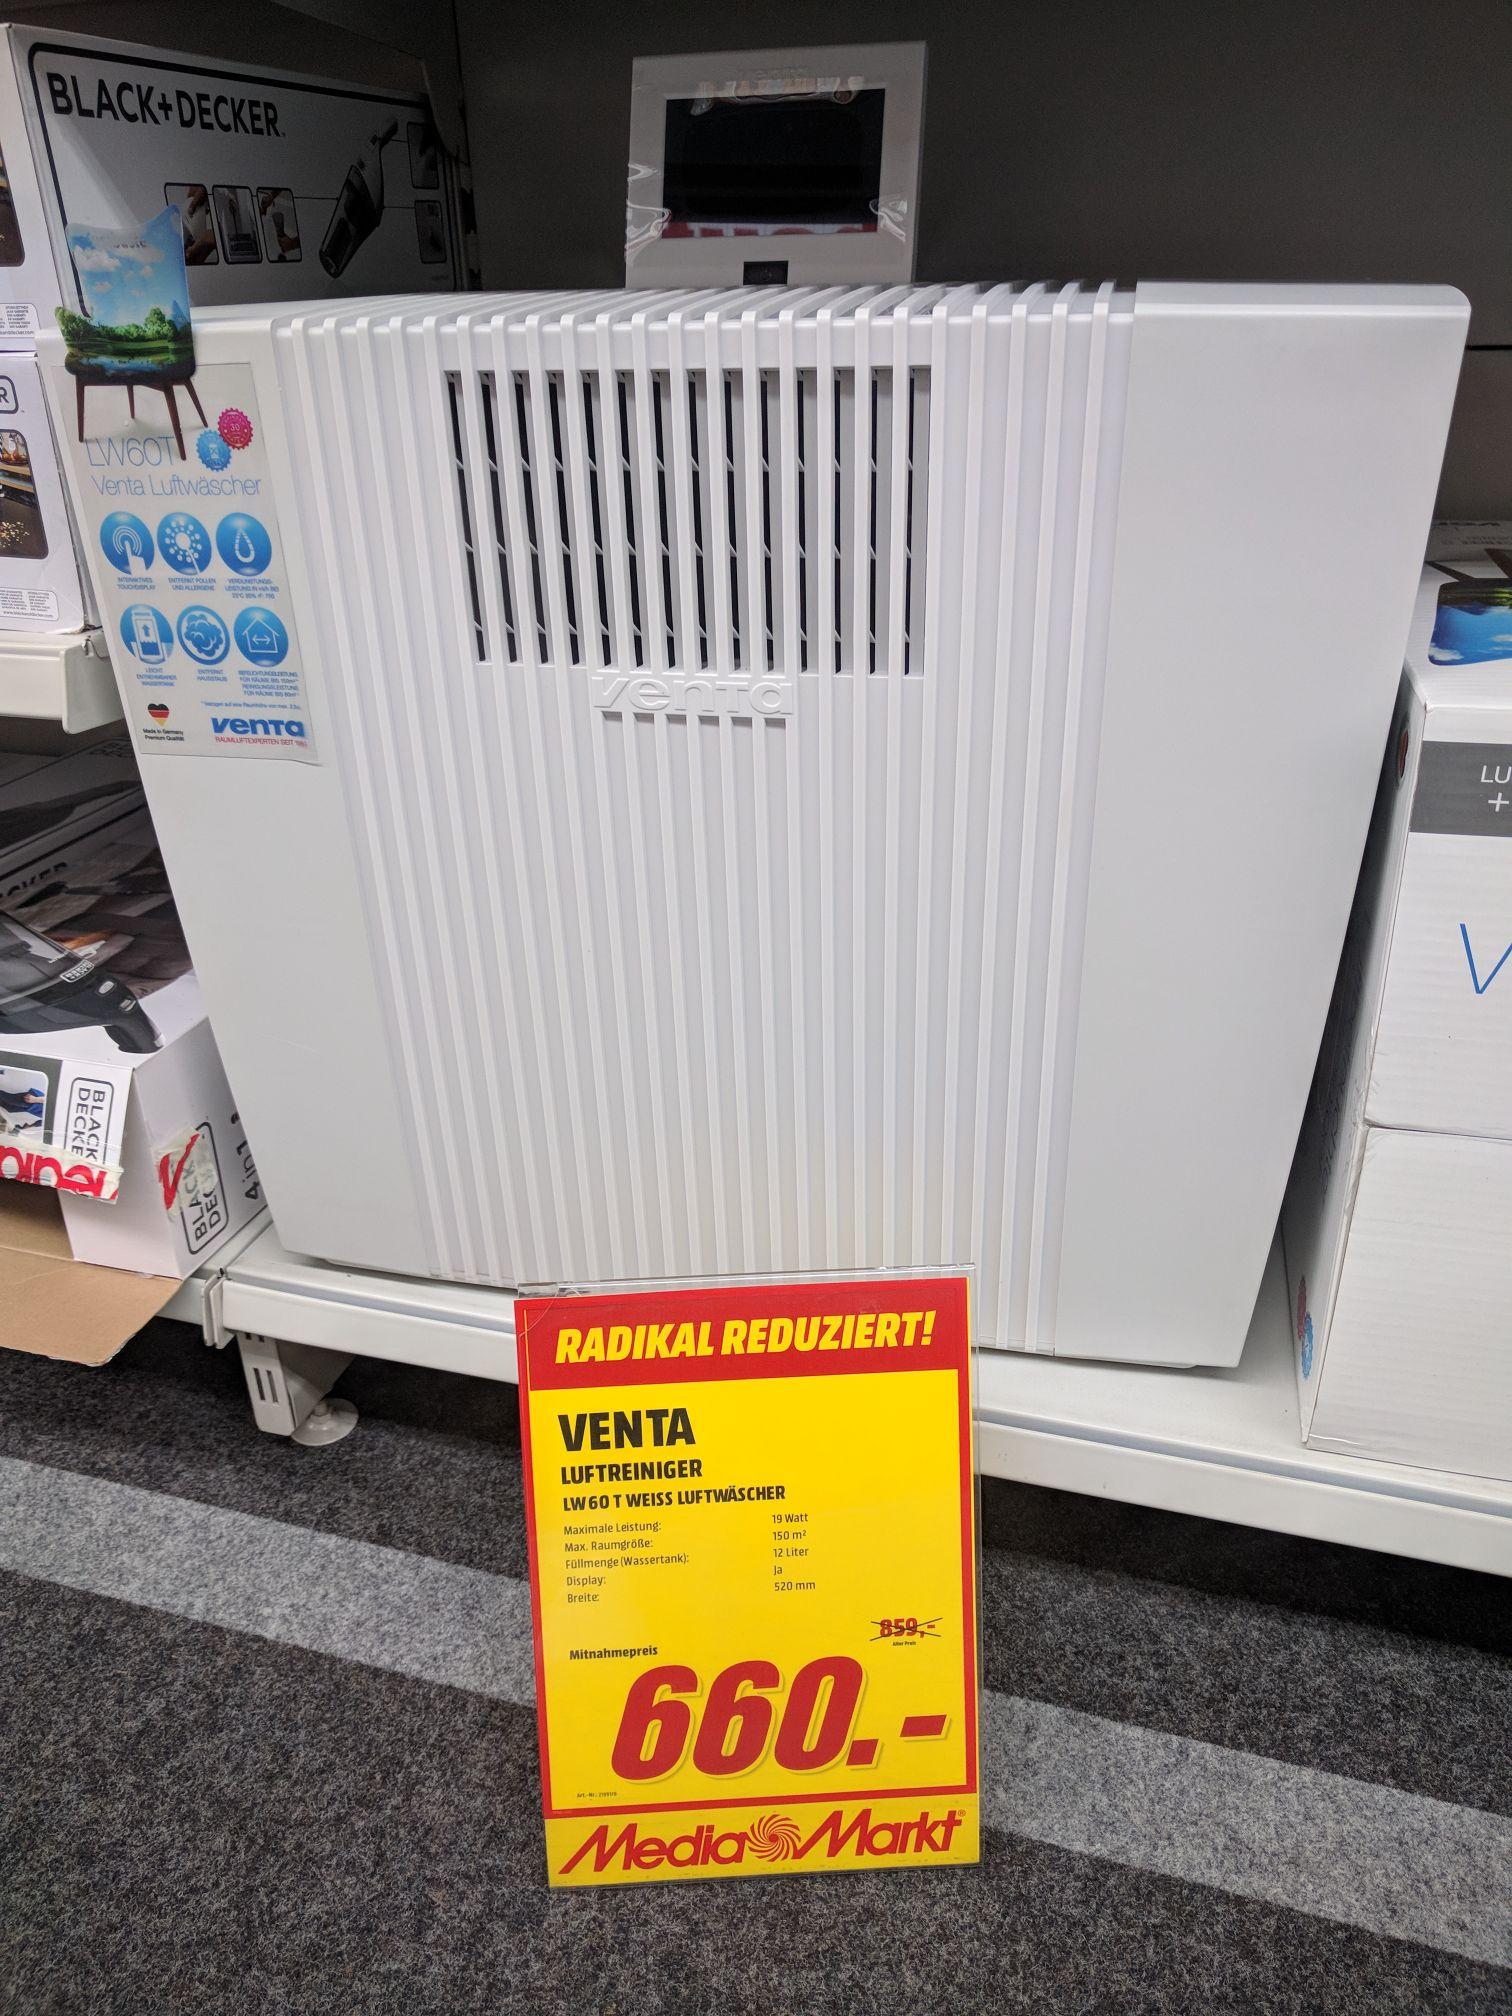 [Lokal] Media Markt Frankfurt Borsigallee: Venta LW 60T WiFi Weiss Luftwäscher, Luftbefeuchtung und Luftreiniger